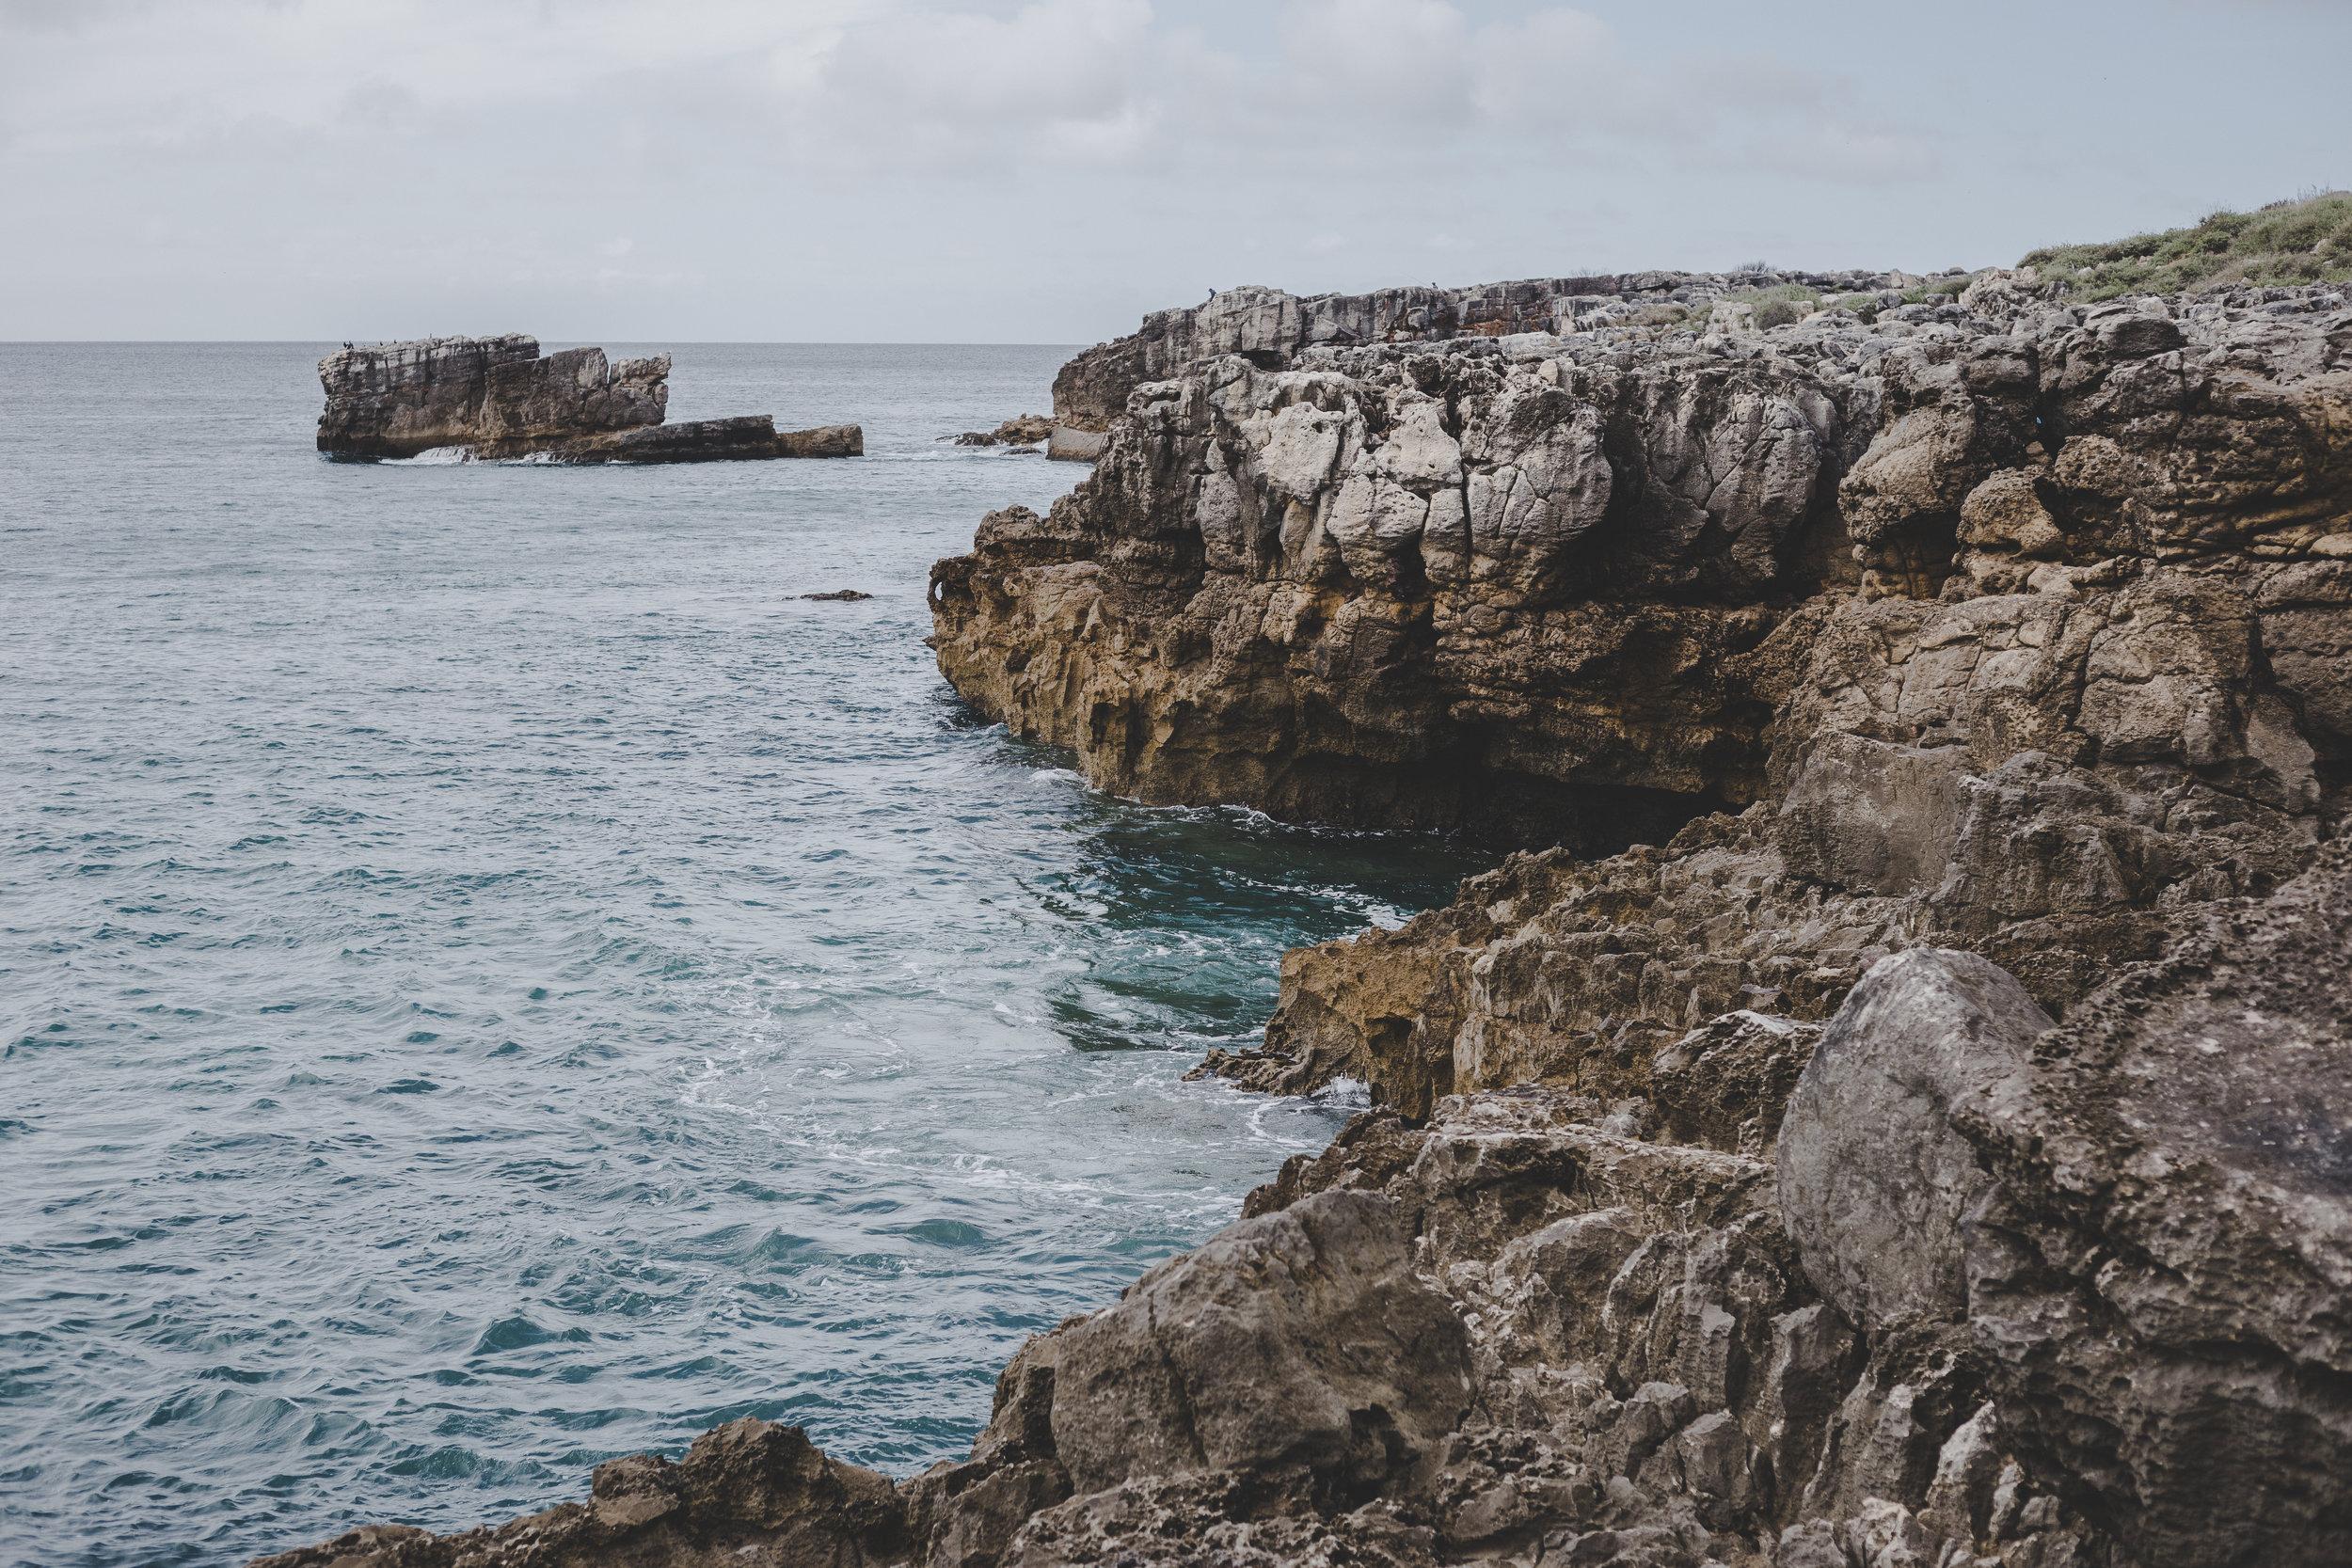 Along the coast near Boca da Inferno